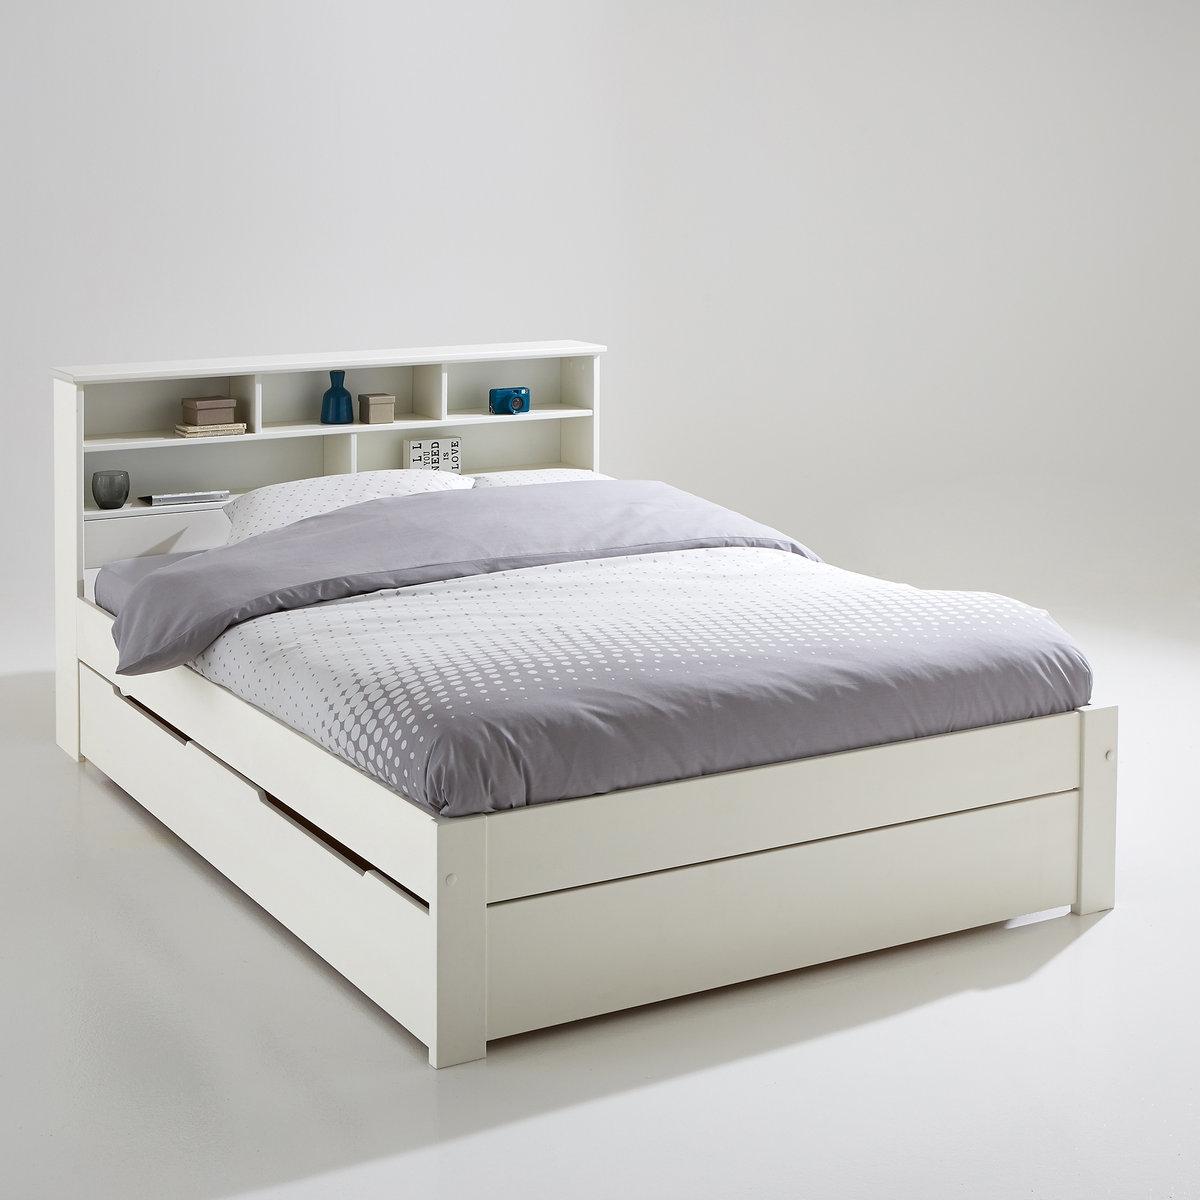 Изголовье и кроватное основание Nikkö кровать из массива дерева credit suisse 1 2 1 5 1 8